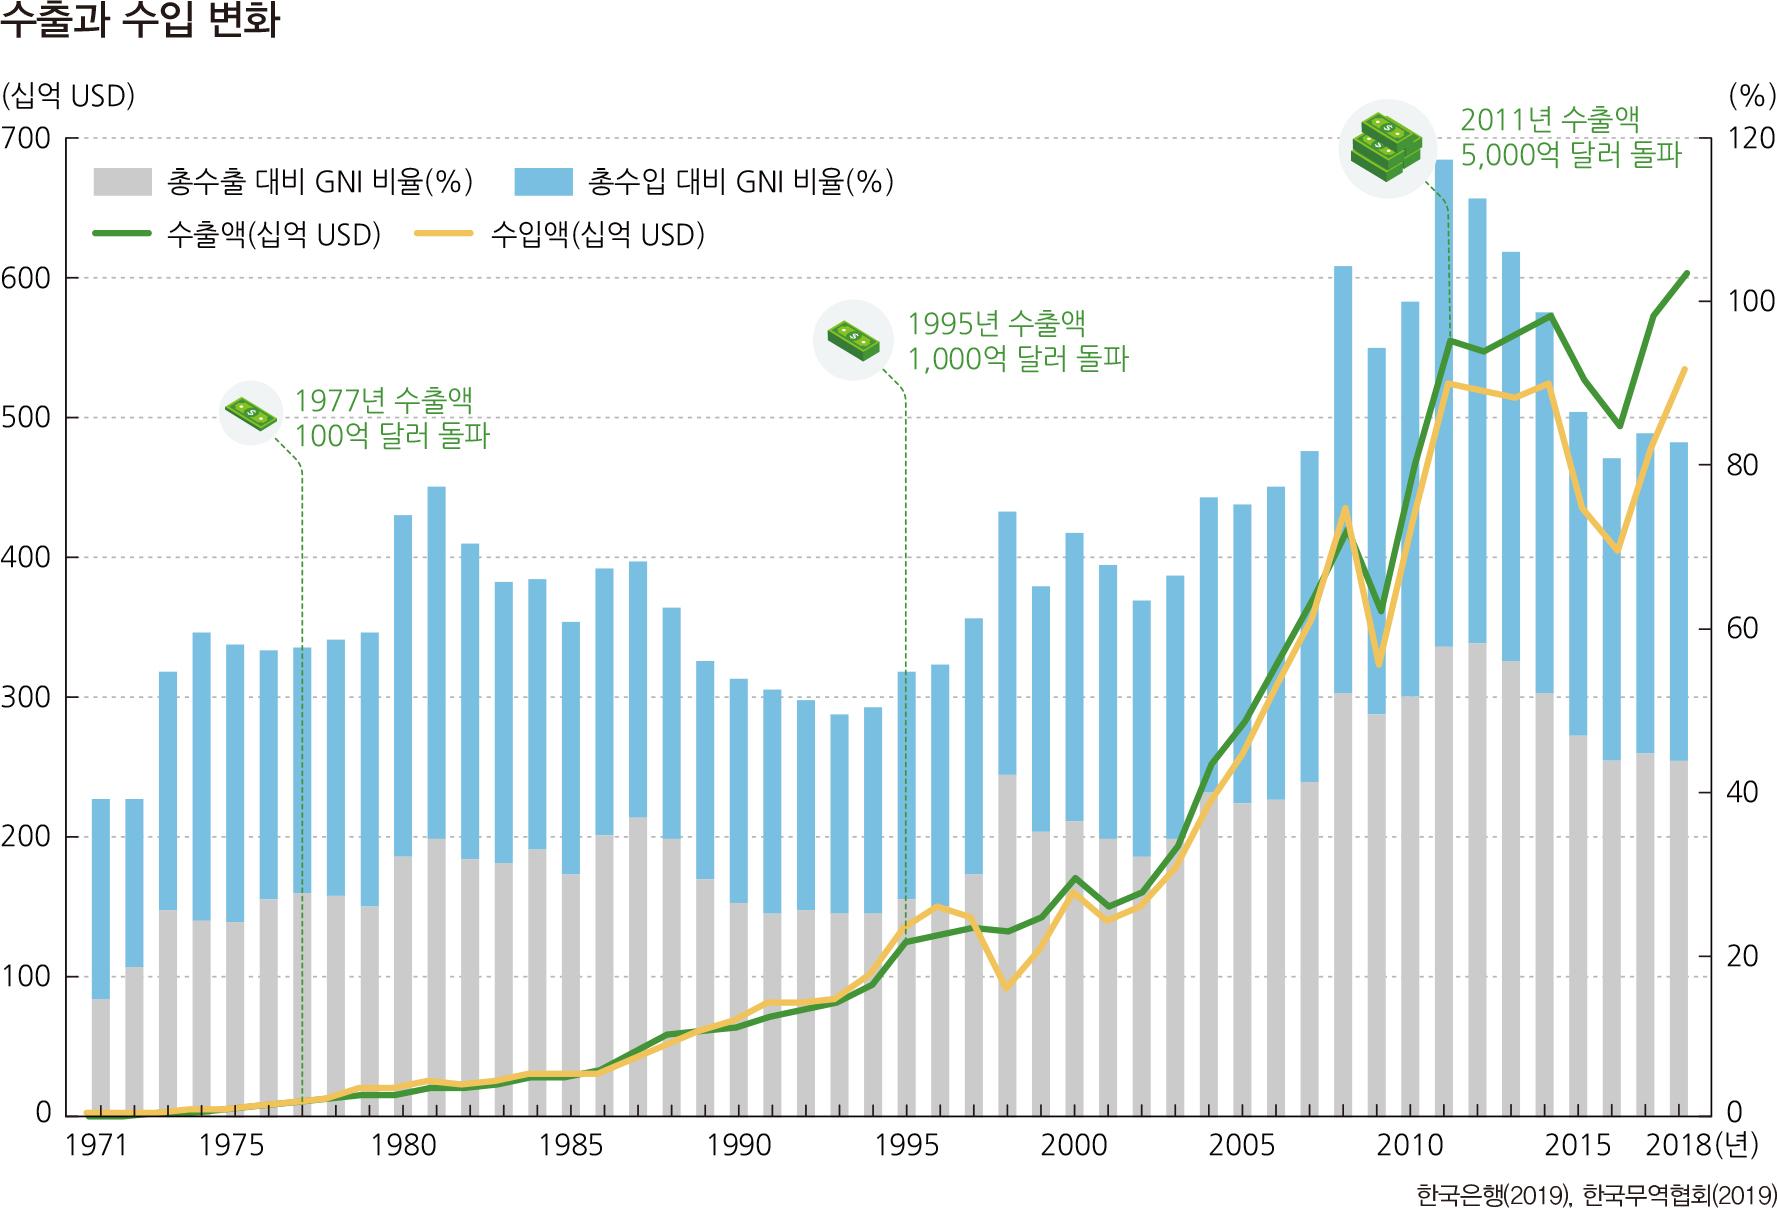 수출과 수입 변화